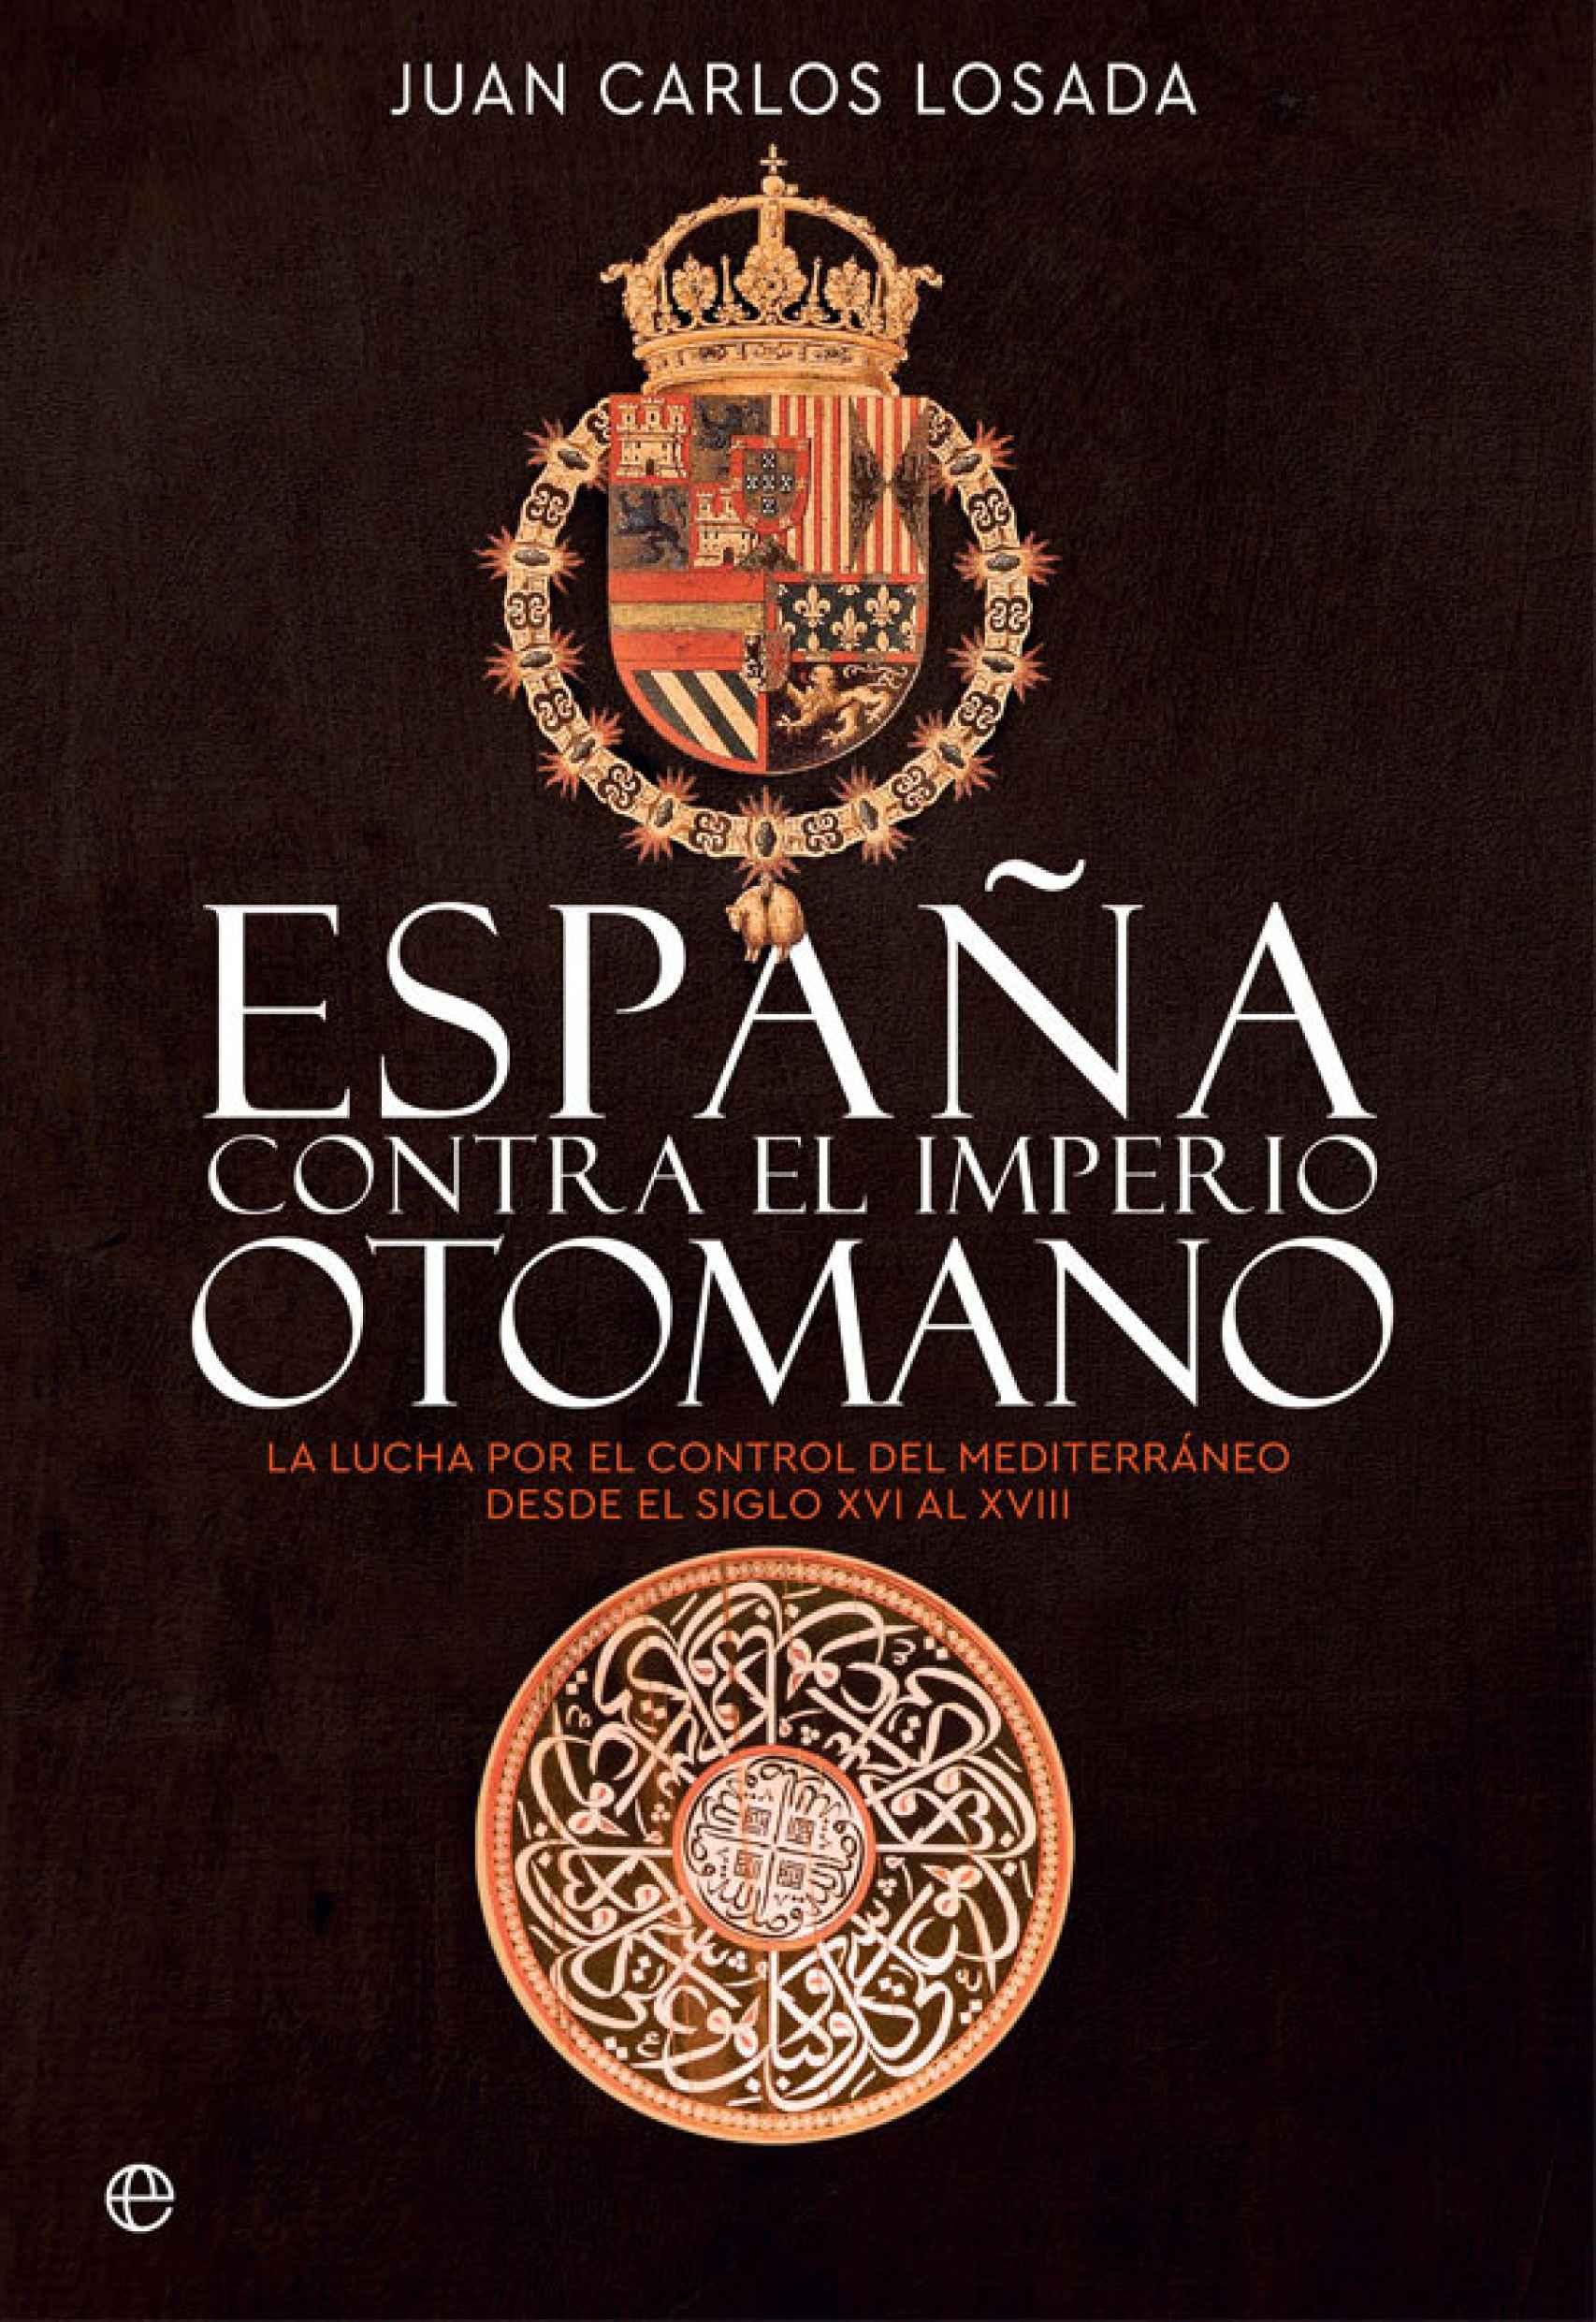 Portada de 'España contra el Imperio otomano'.